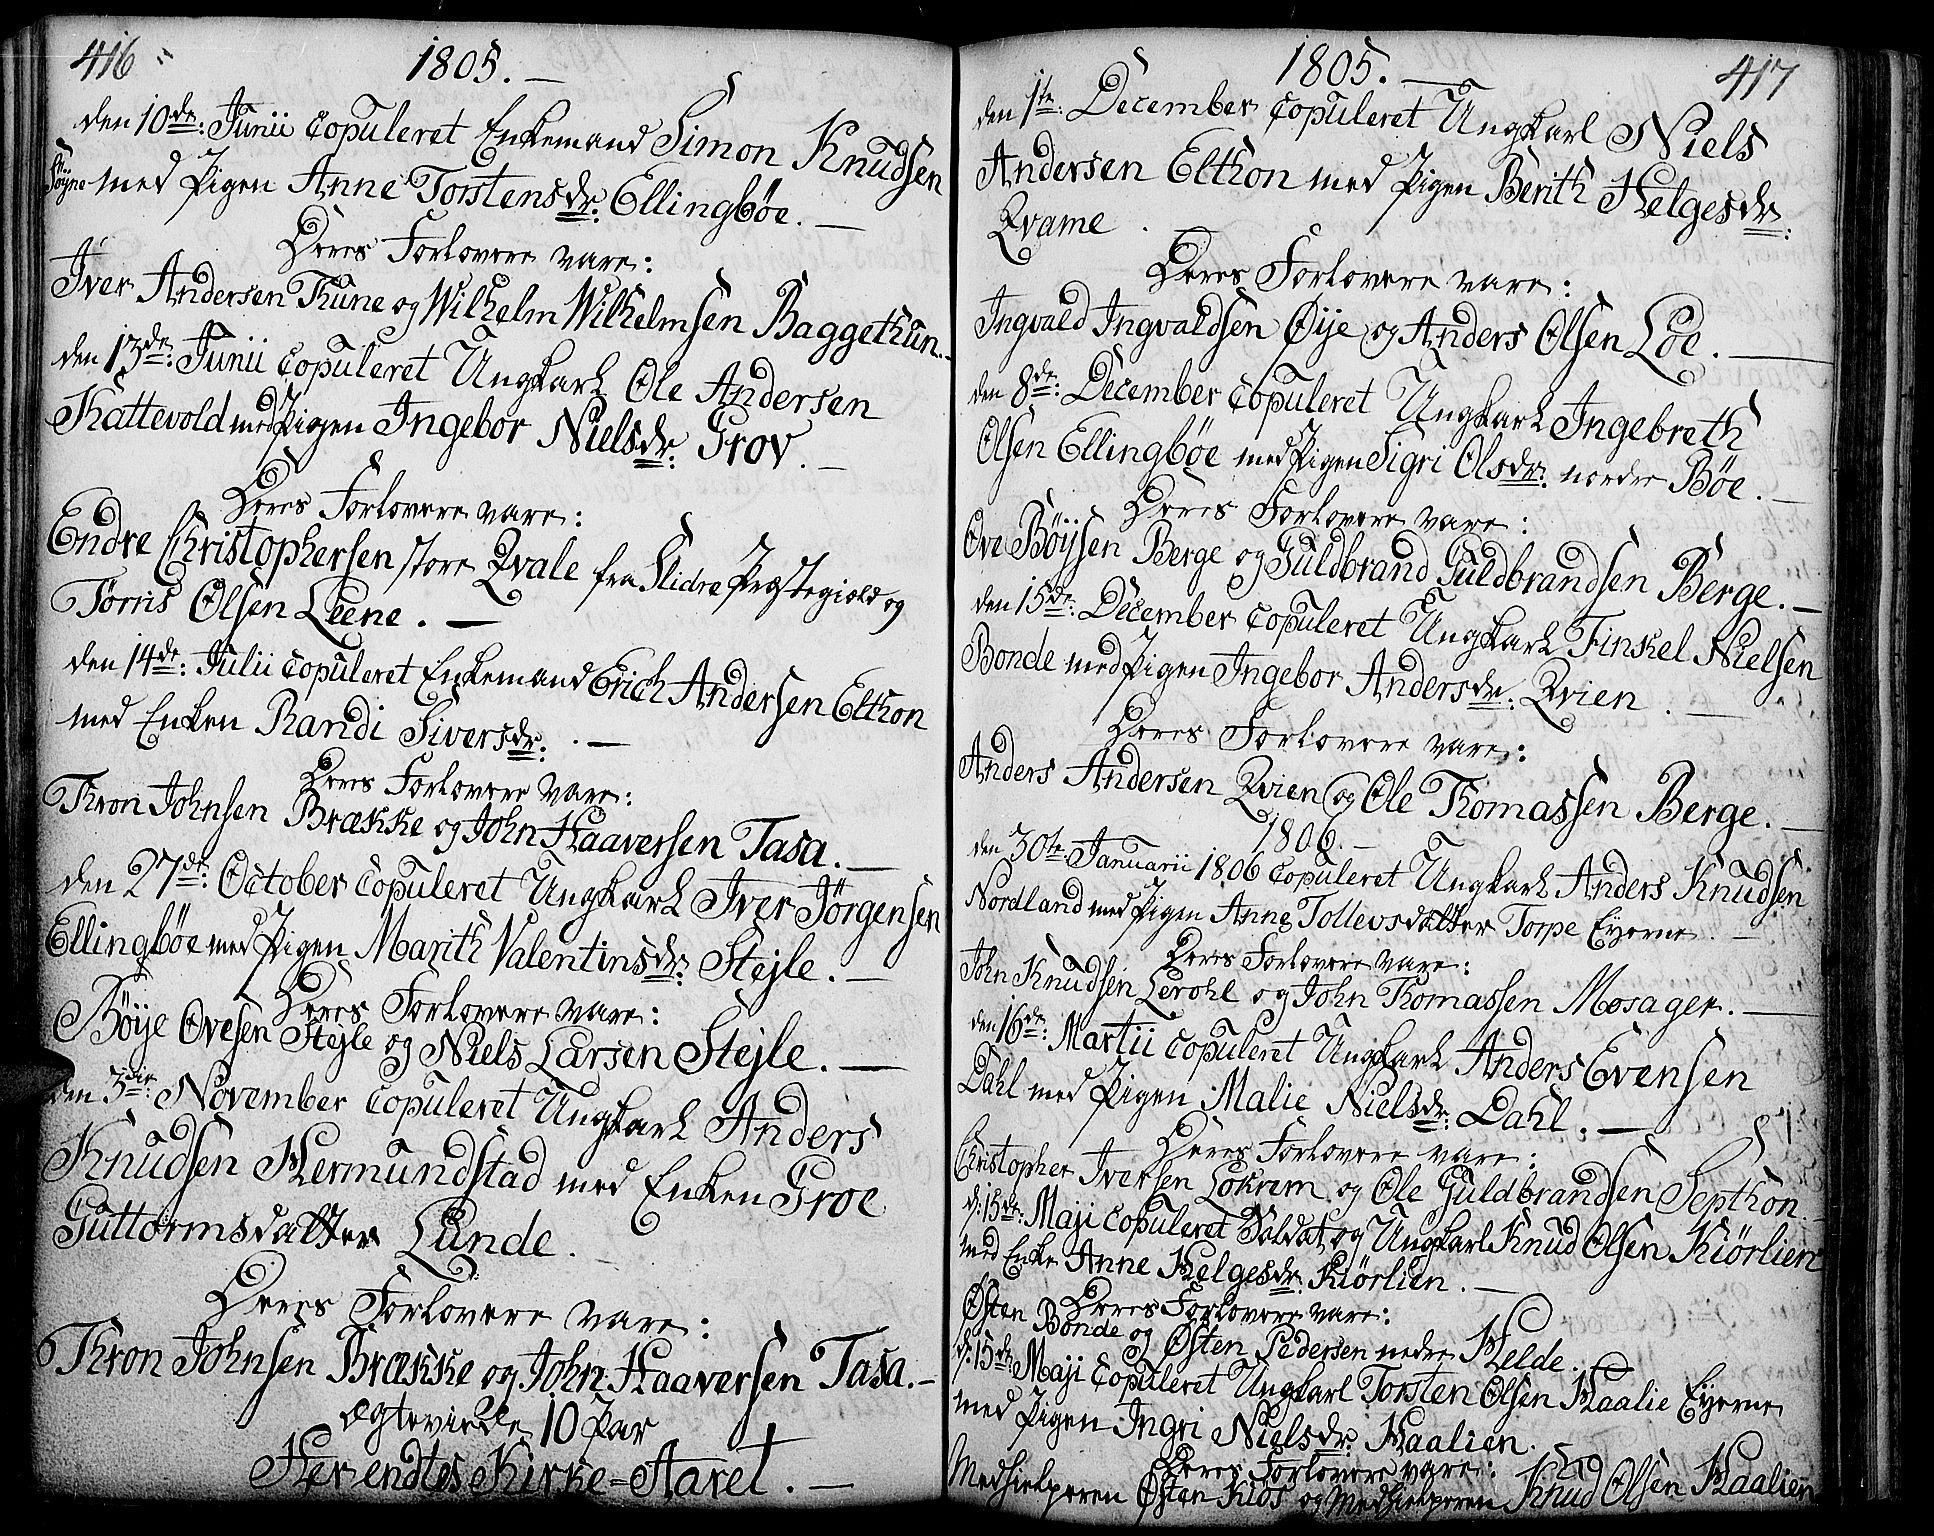 SAH, Vang prestekontor, Valdres, Ministerialbok nr. 2, 1796-1808, s. 416-417